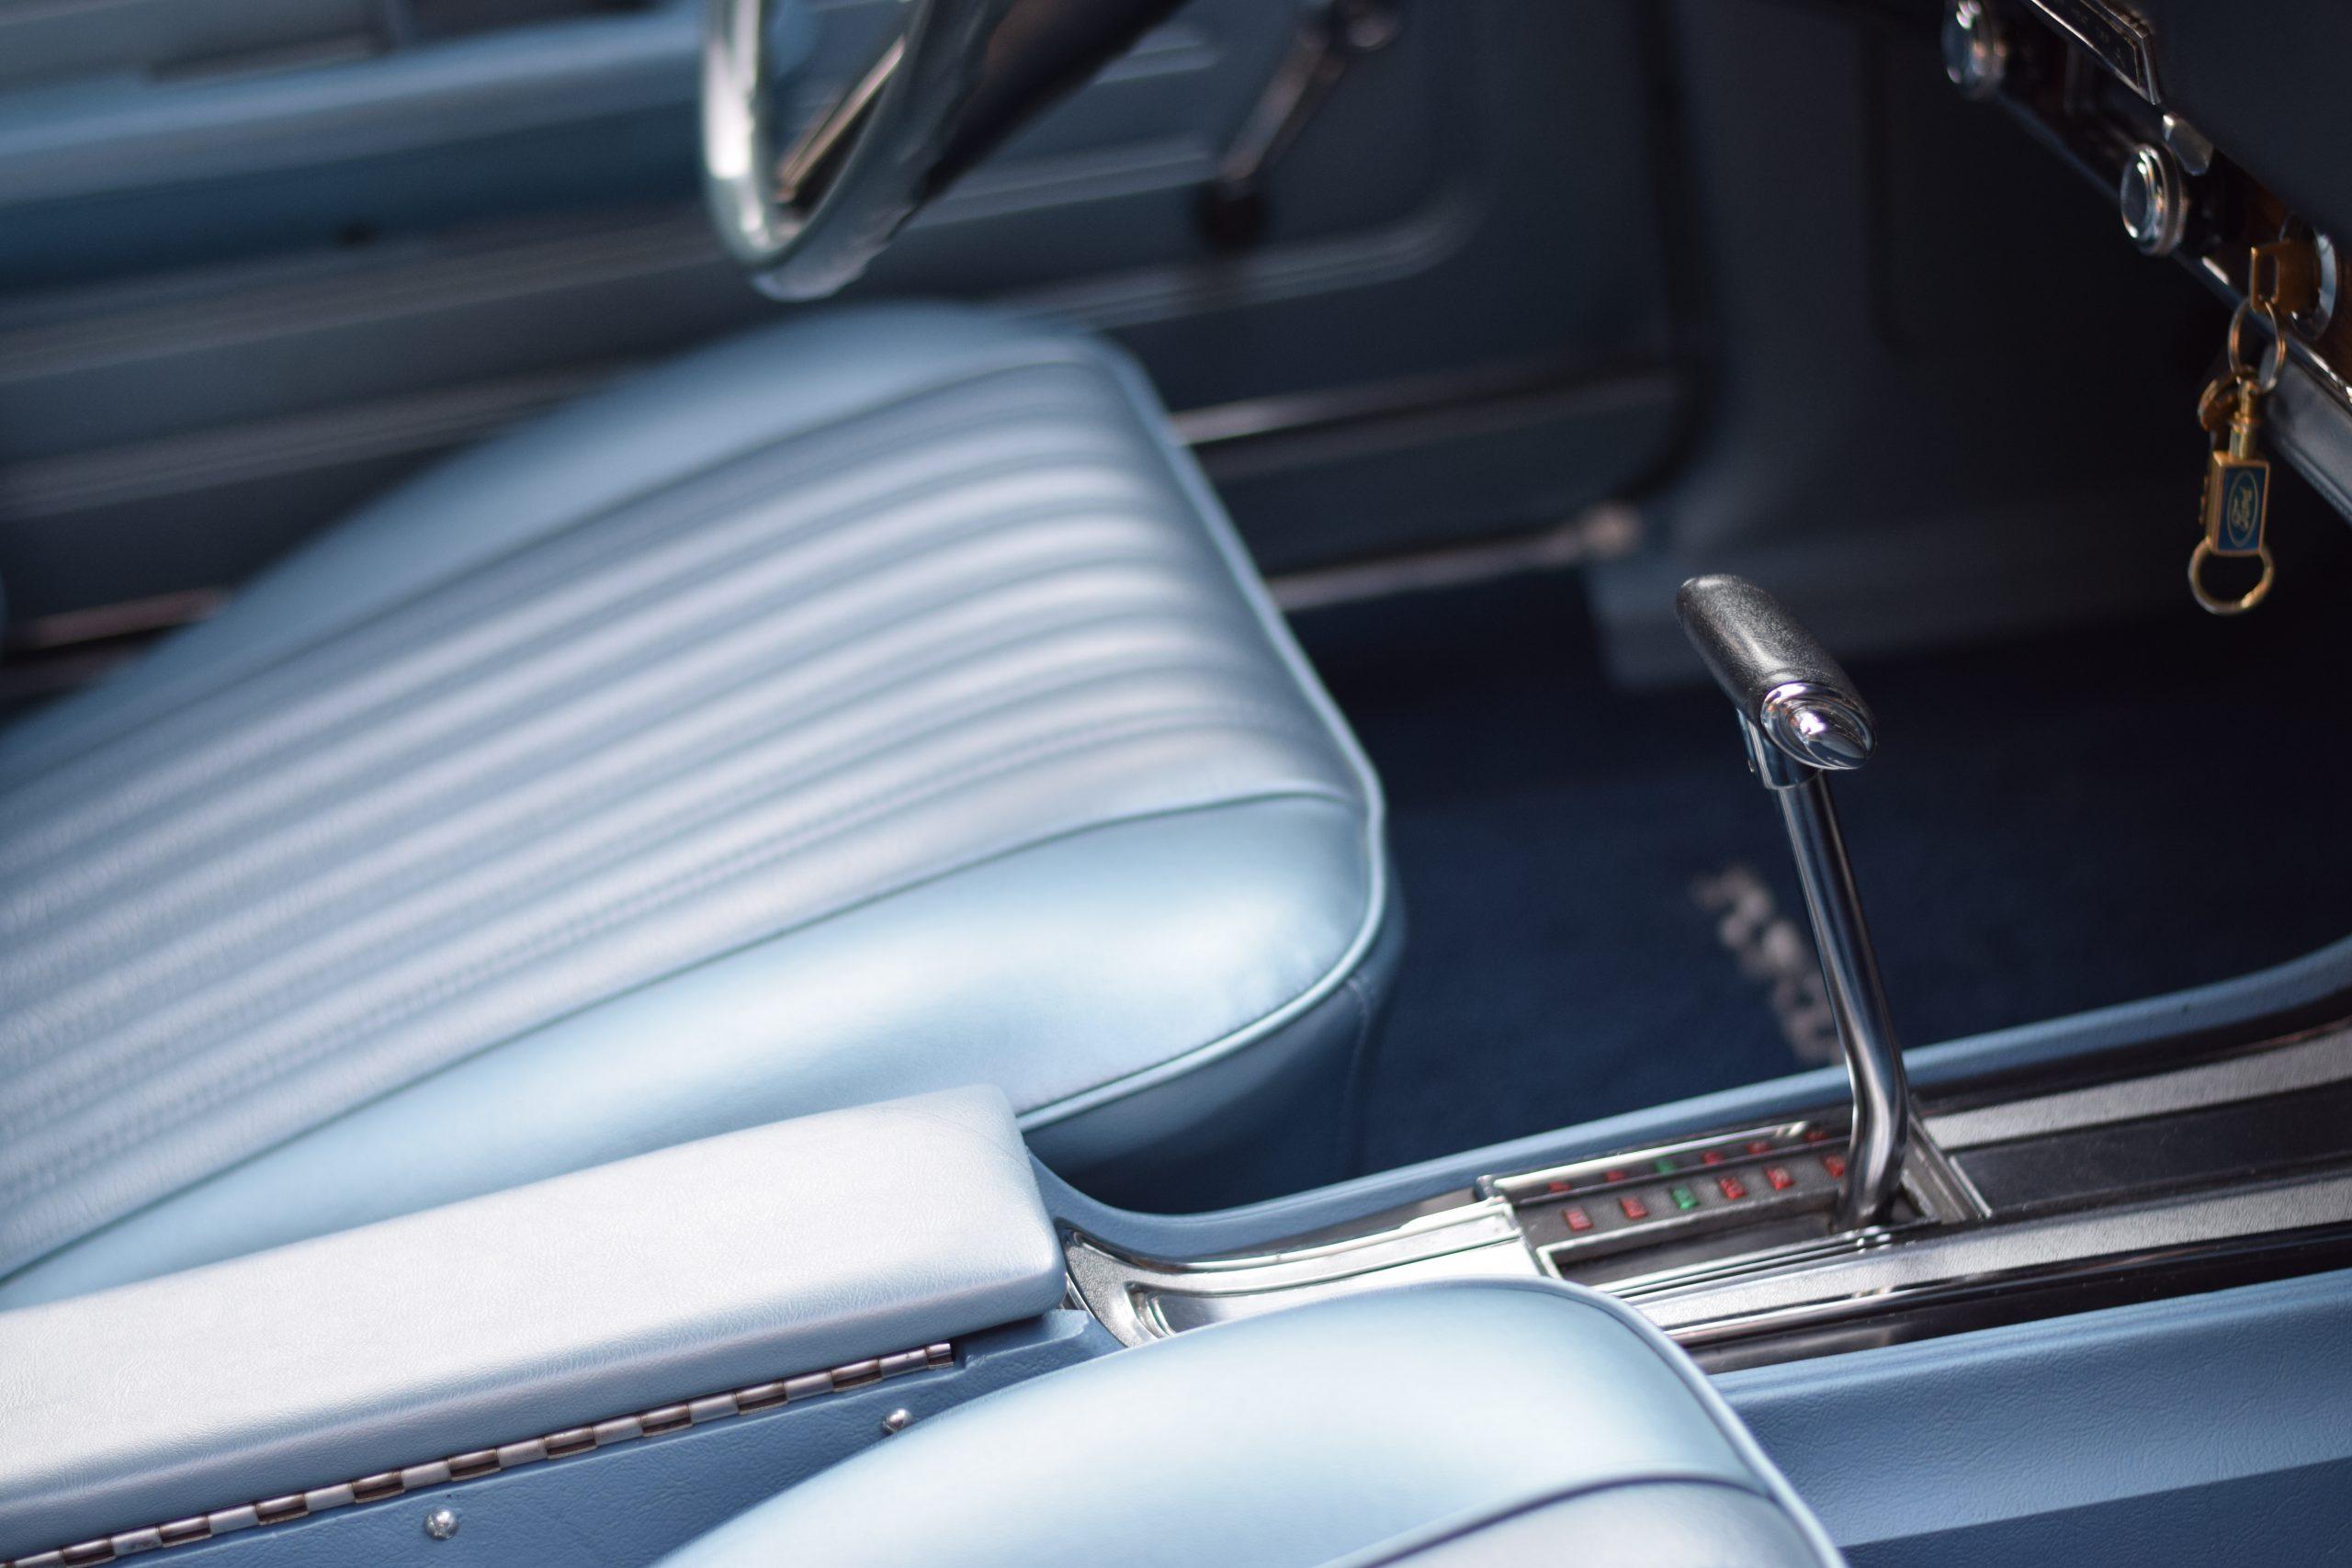 1969 Ford Torino interior 3 speed shifter